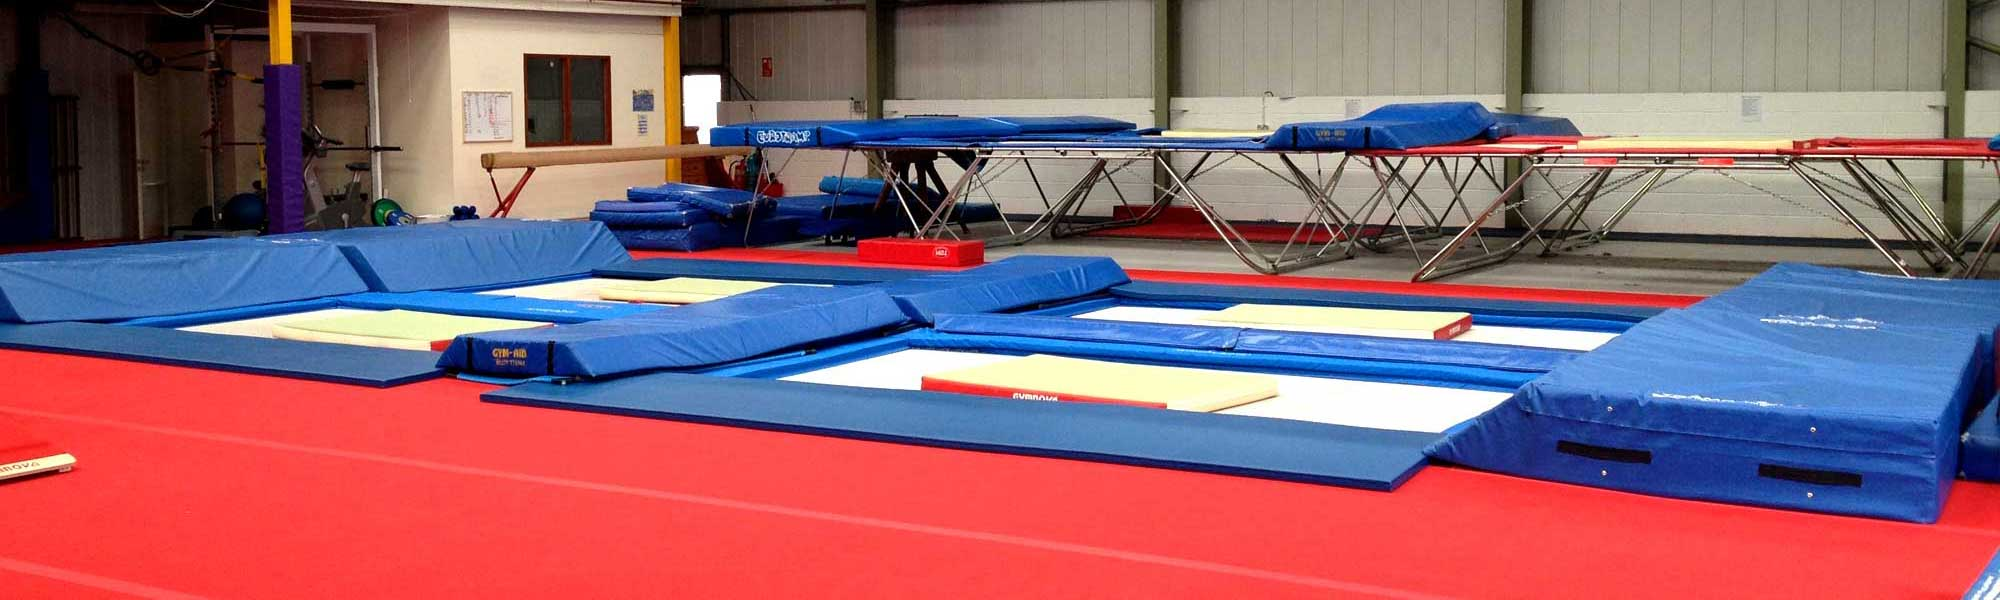 sunken-trampolines-schools1